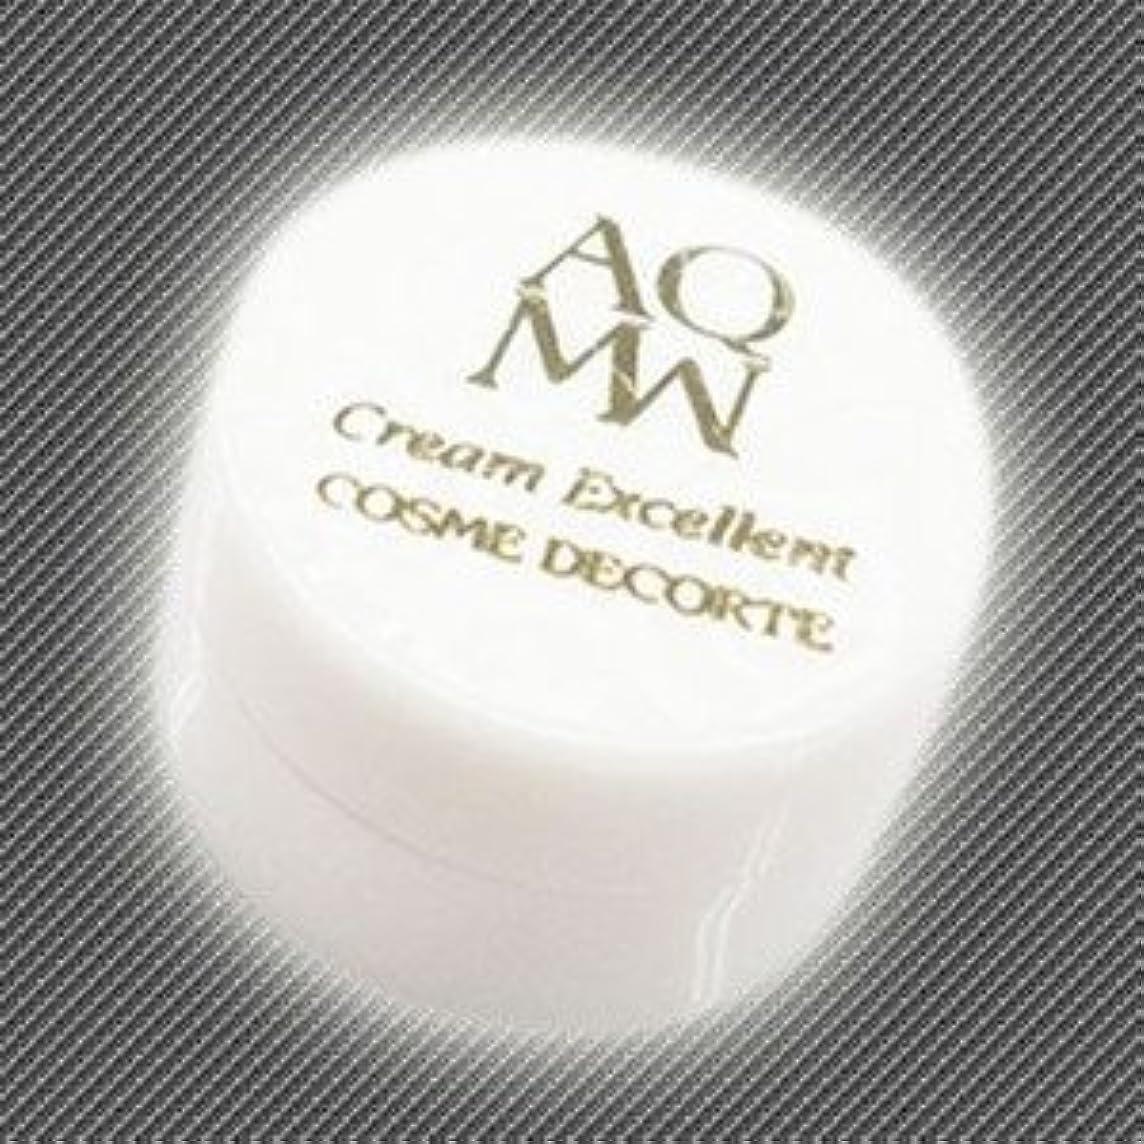 電気技師雄弁同種のコスメデコルテ AQ MW クリームエクセレント 2.4ml(ミニ)